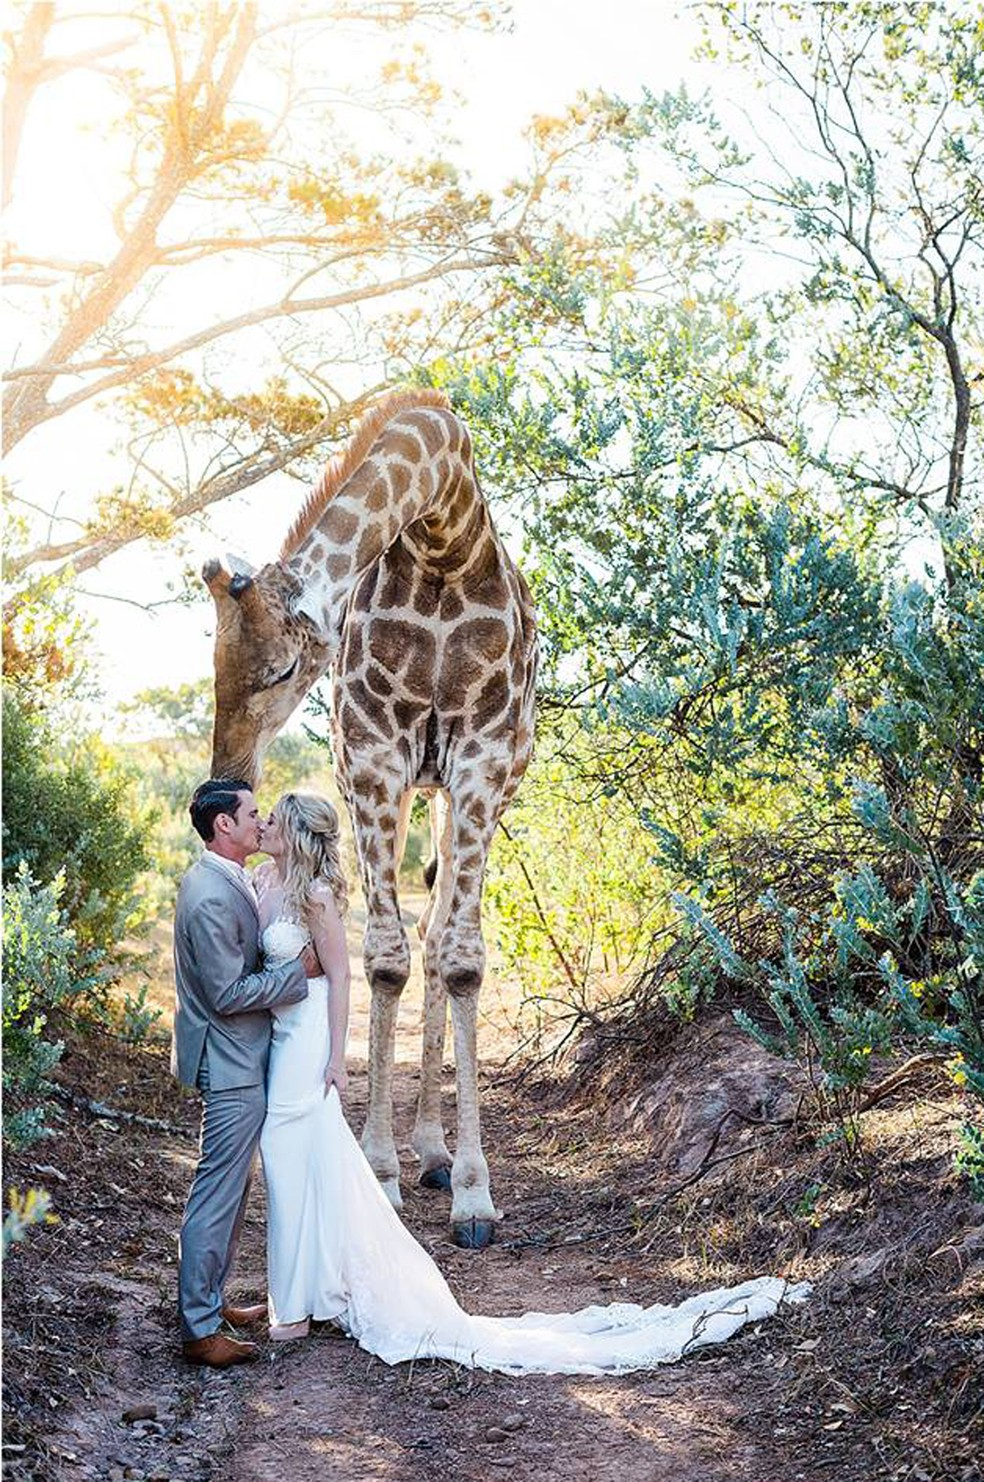 Girafa faz 'photobomb' em foto de casamento na África do Sul (Foto: Stephanie Norman Photography/Facebook)